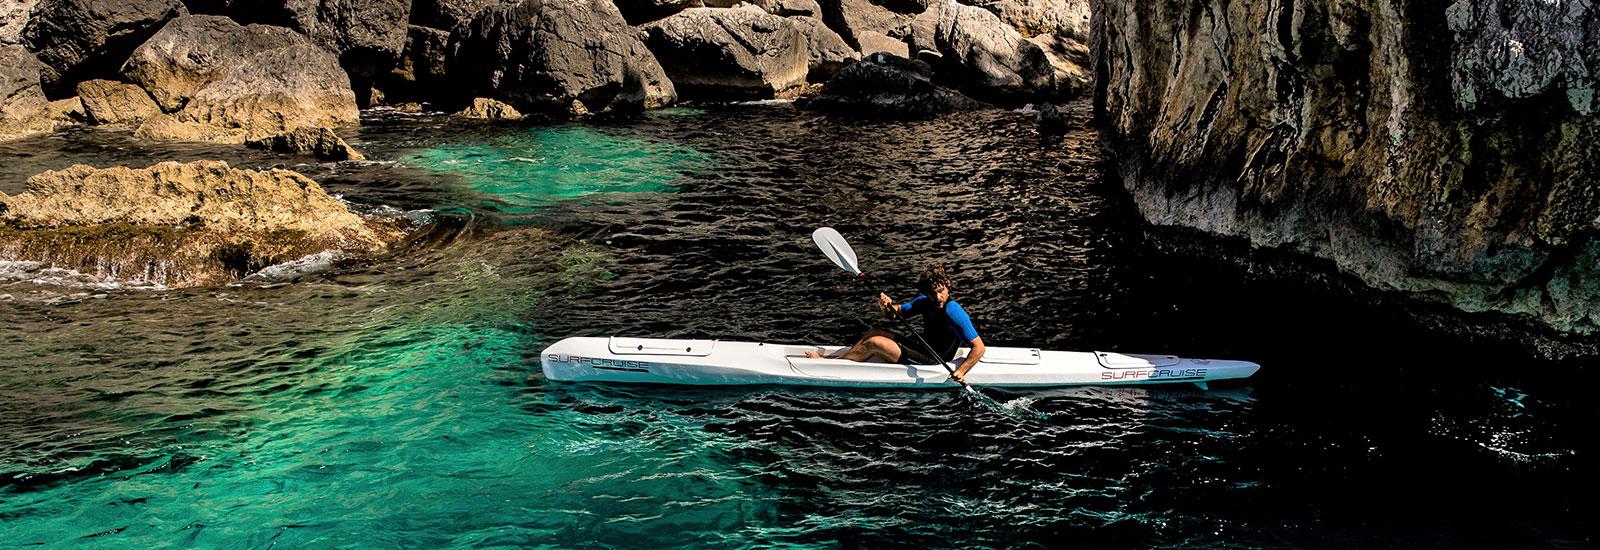 kayak canoa surfski in mare acqua cristallina alla scoperta della natura e avventura